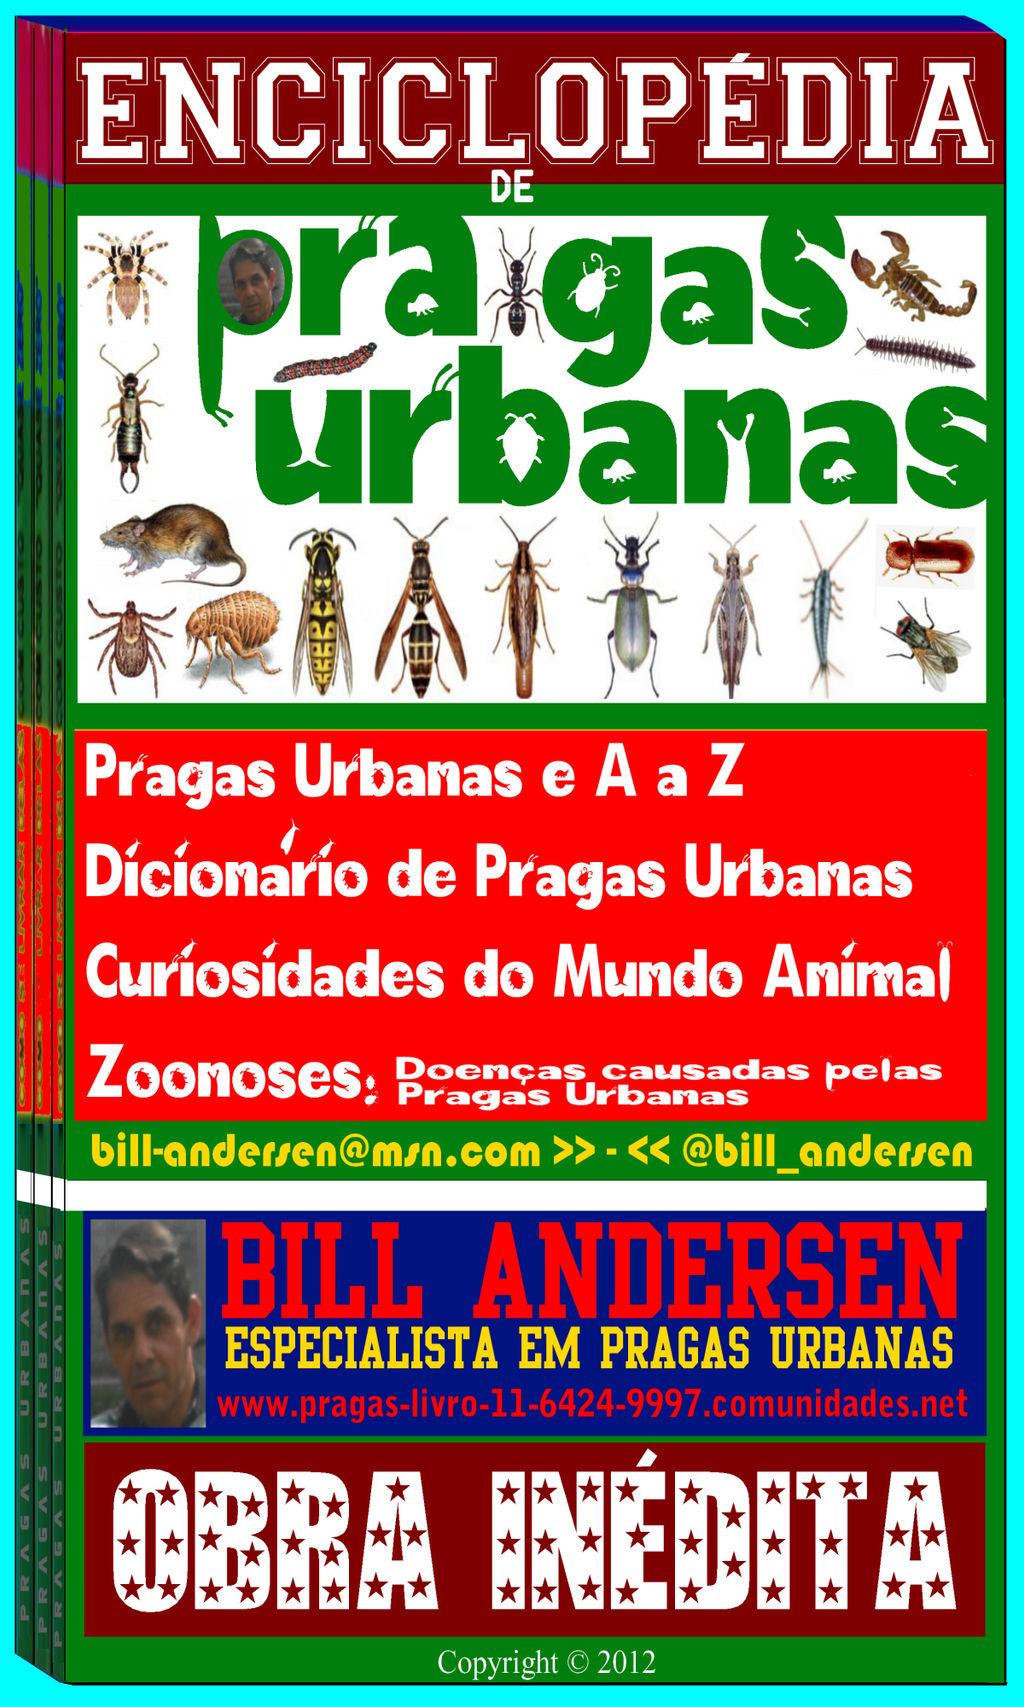 11-3427.2276-DedetizadoraEcoAmbient by BillDDTsp-3427-2276